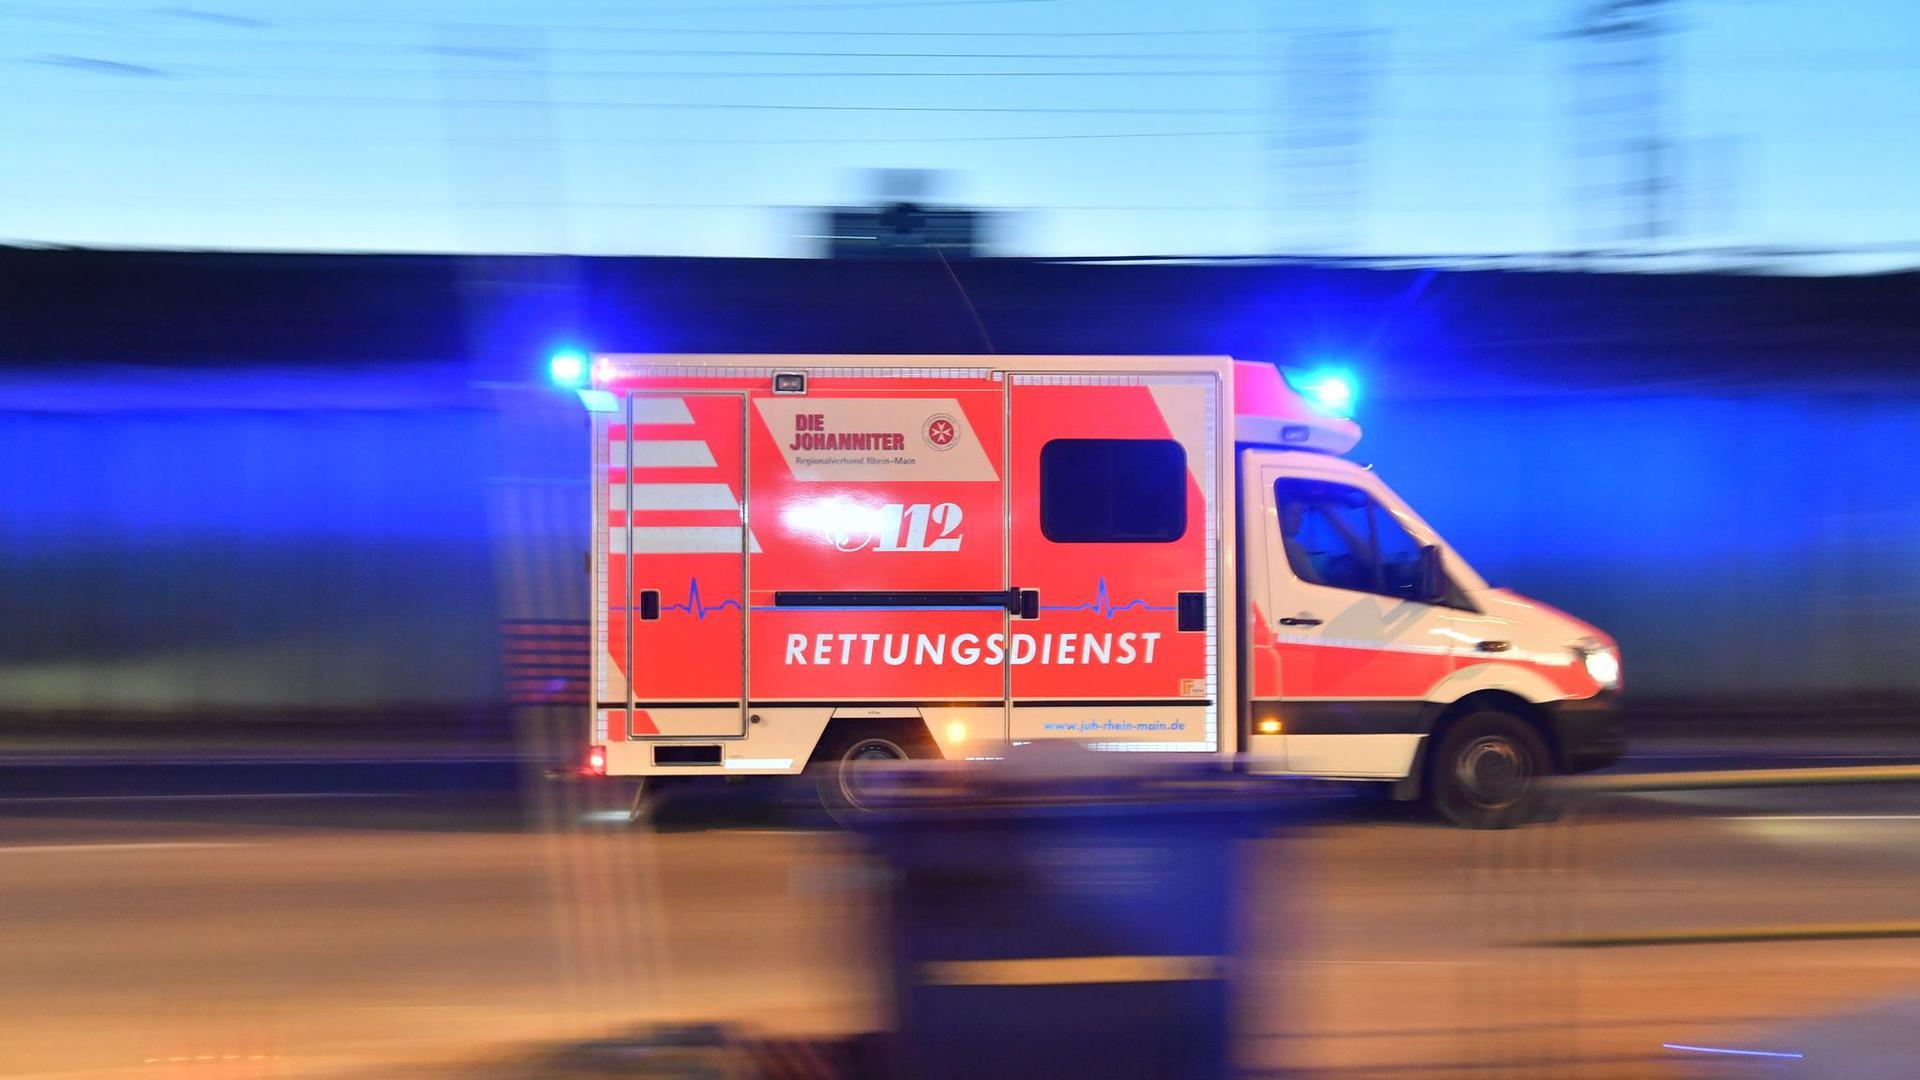 Ein Rettungswagen mit eingeschaltetem Blaulicht fährt auf einer Straße.